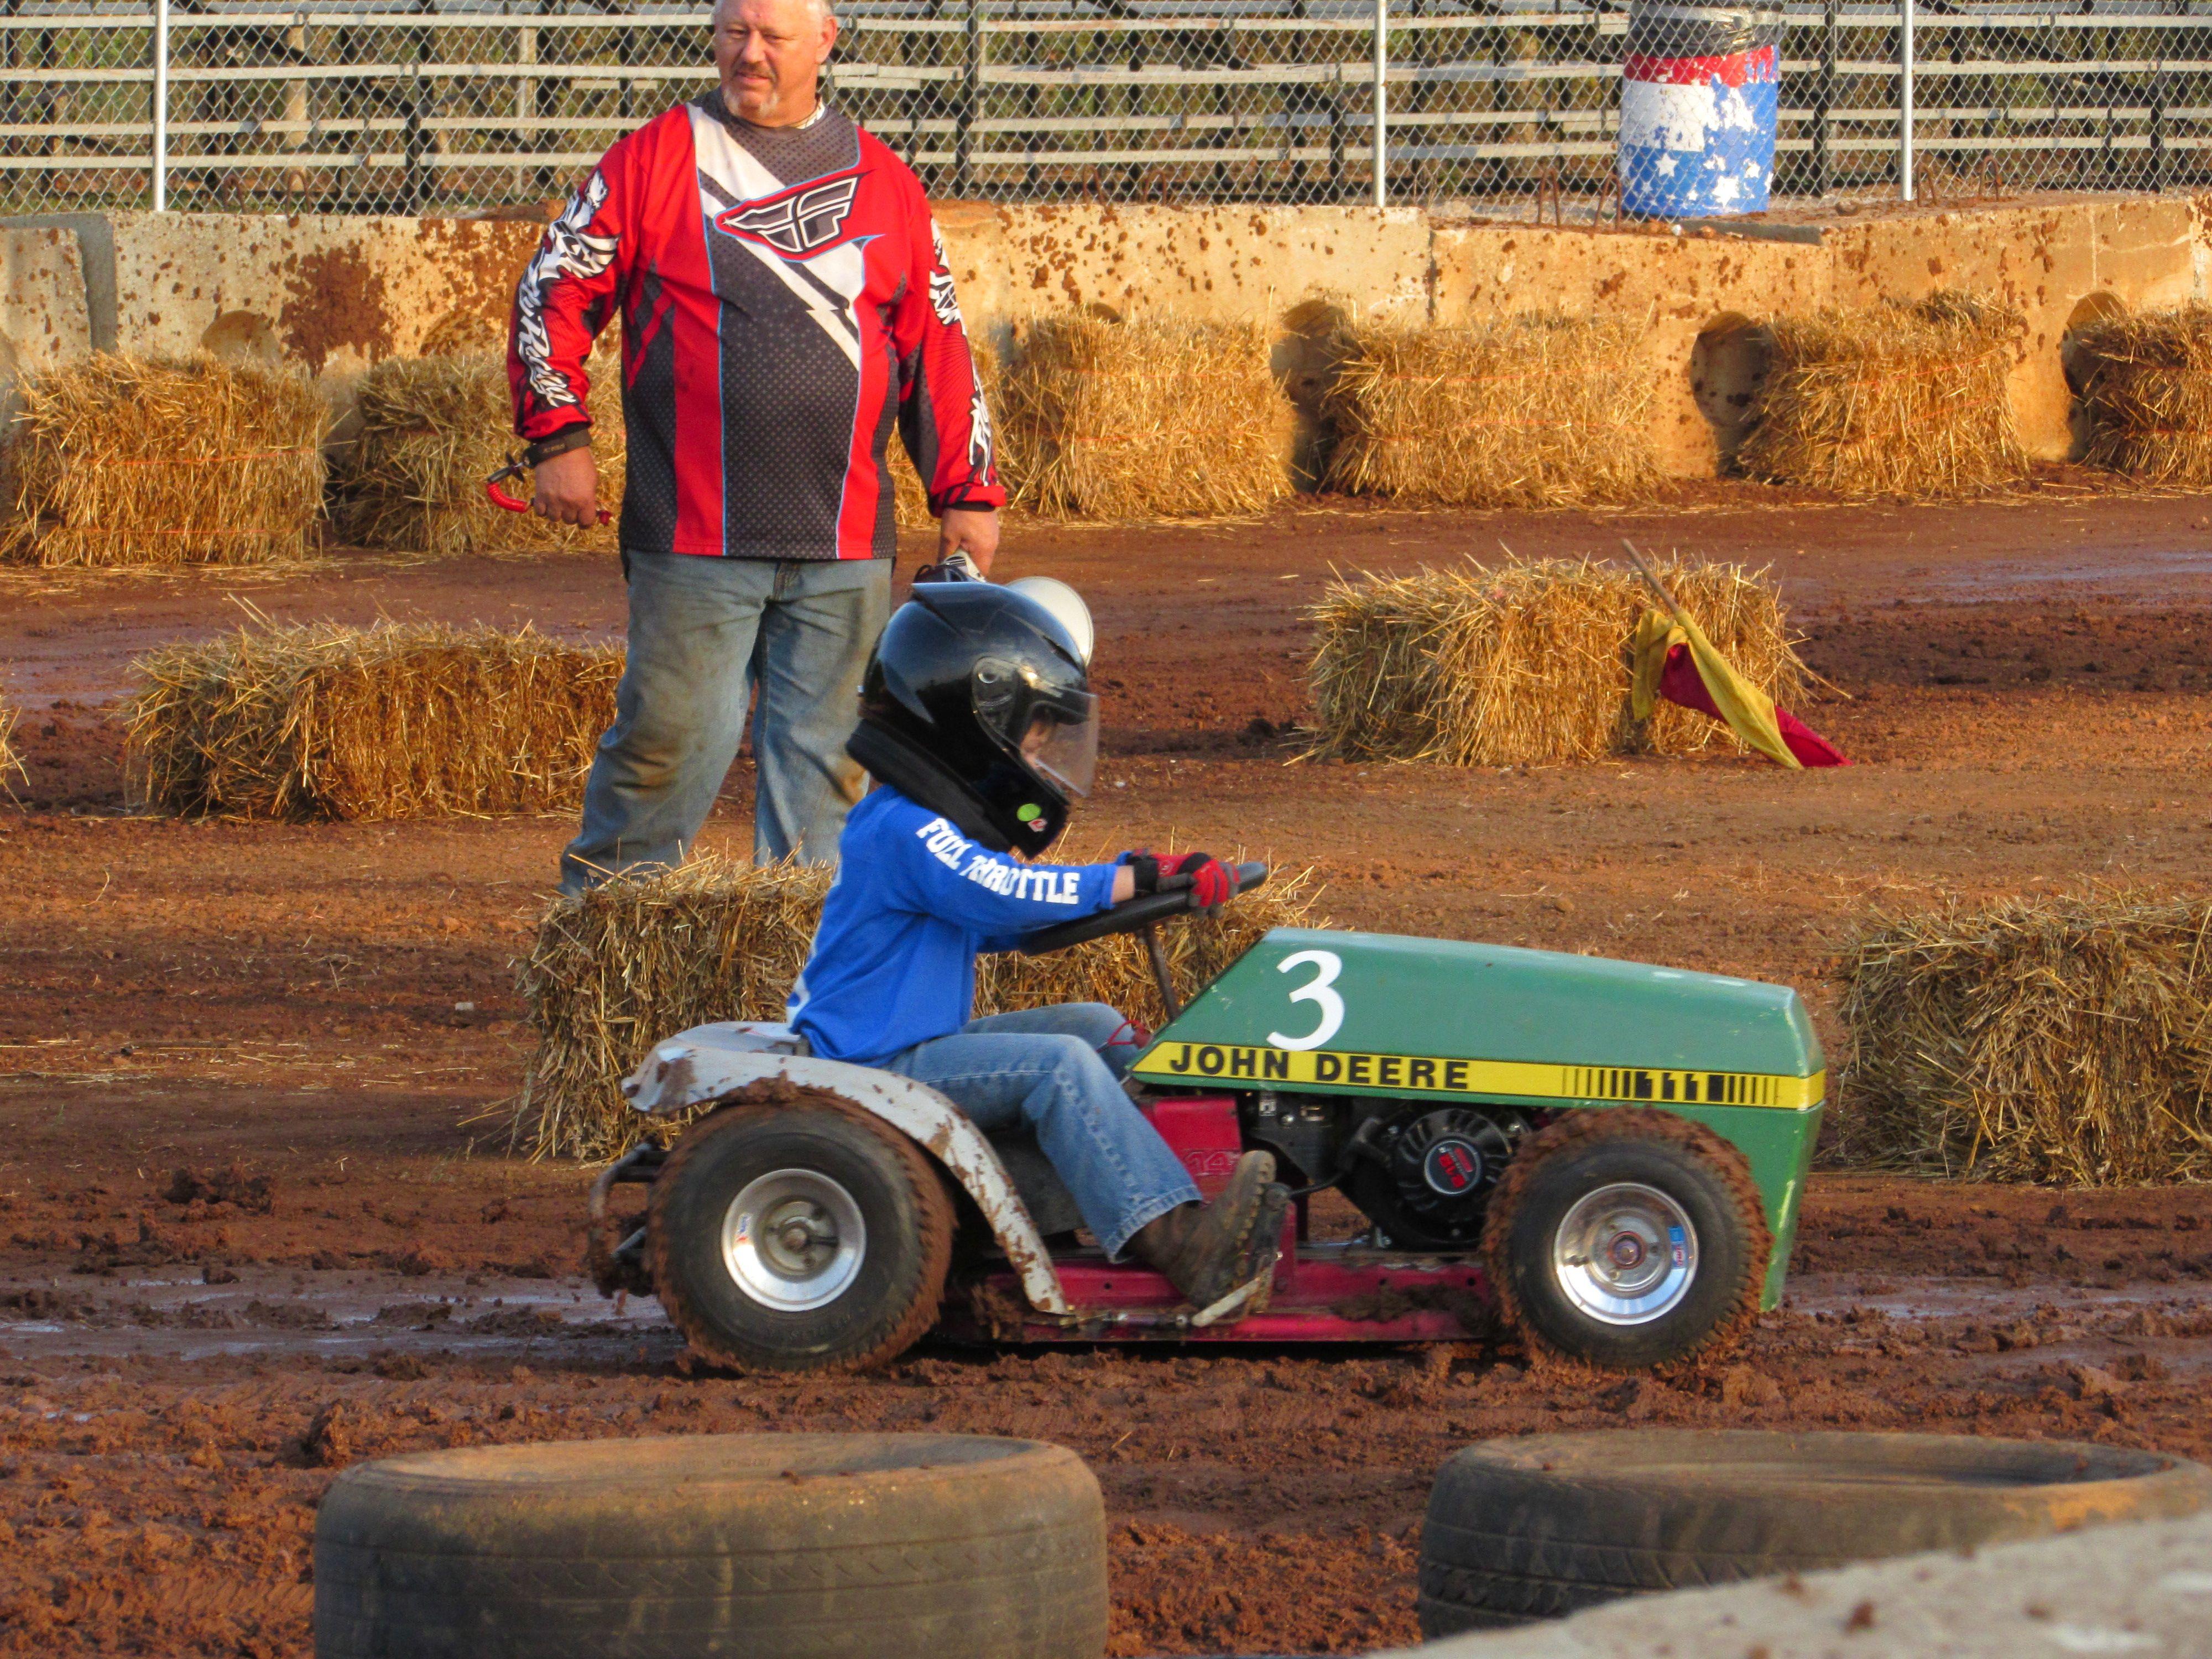 Lawn Mower Racing >> Kids Lawnmower Racing Lawn Mower Trailer Lawn Mower Go Kart